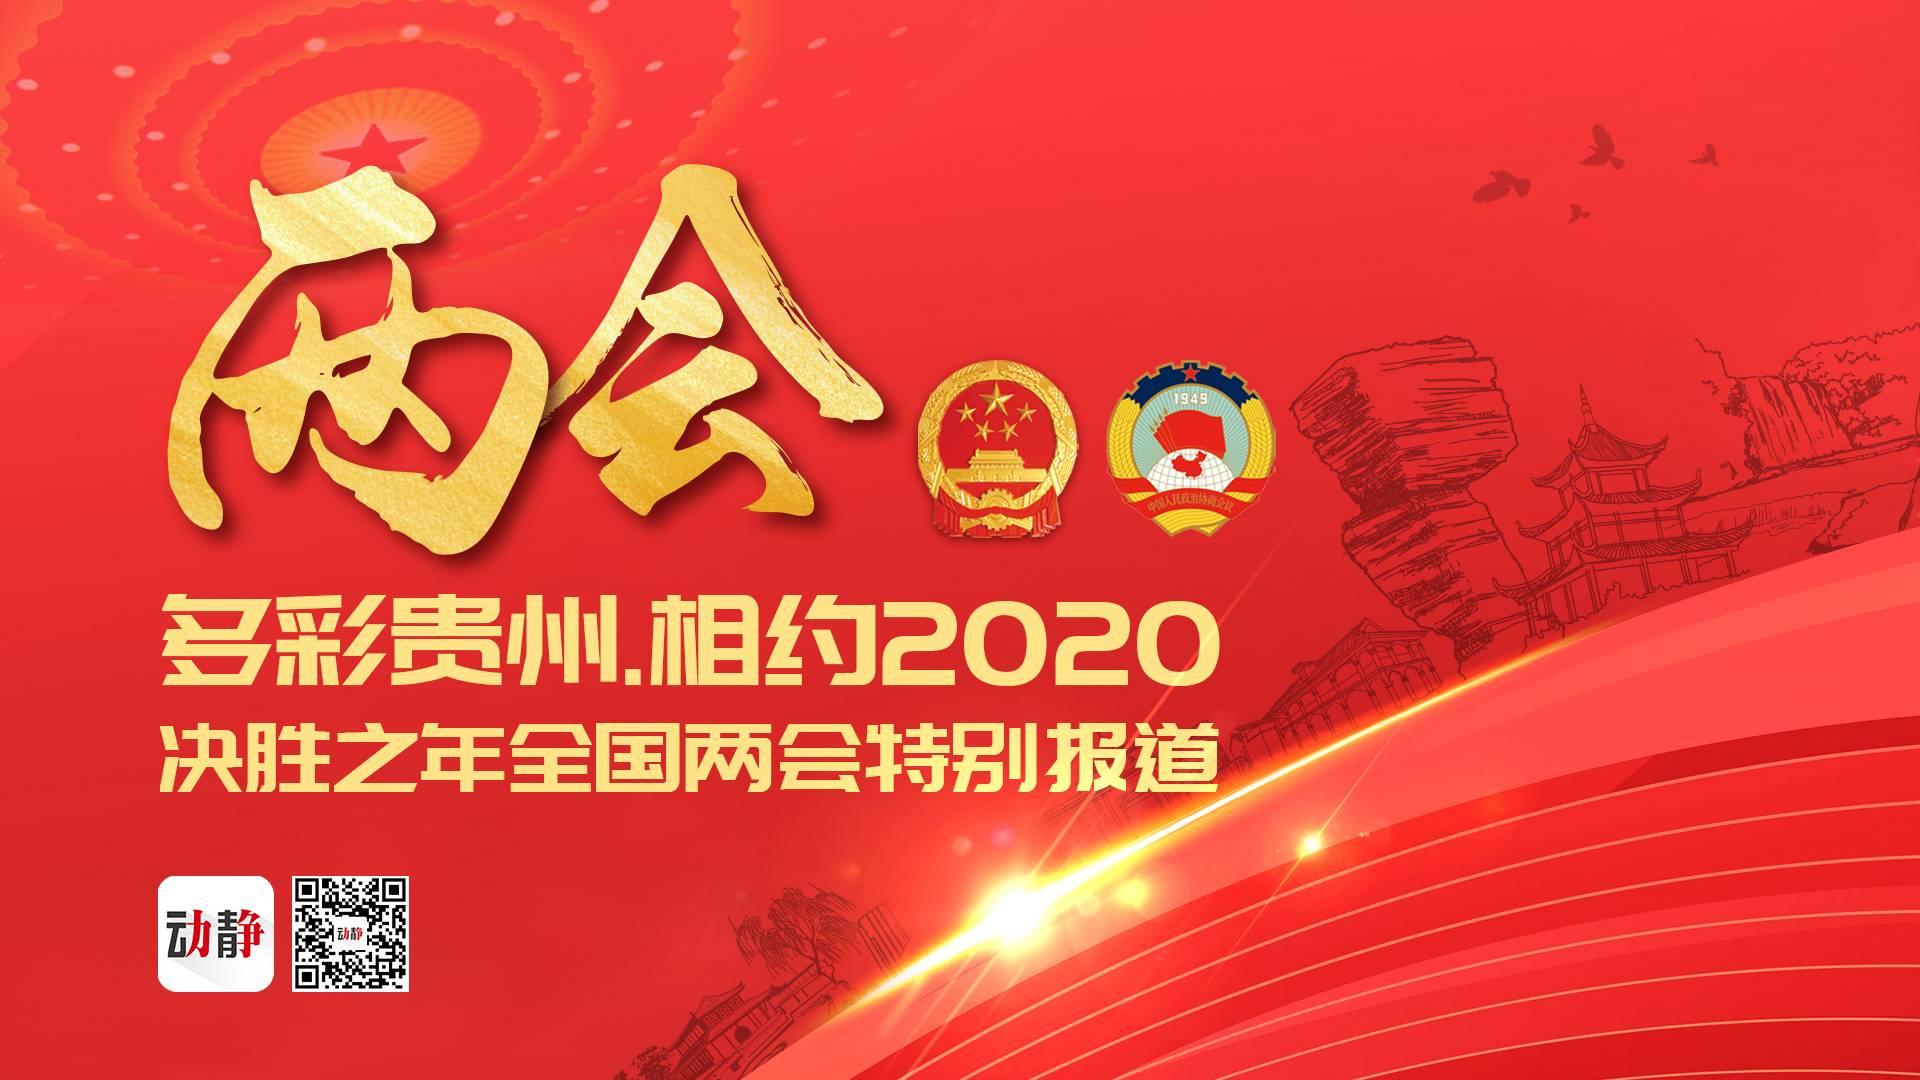 多彩贵州·相约2020